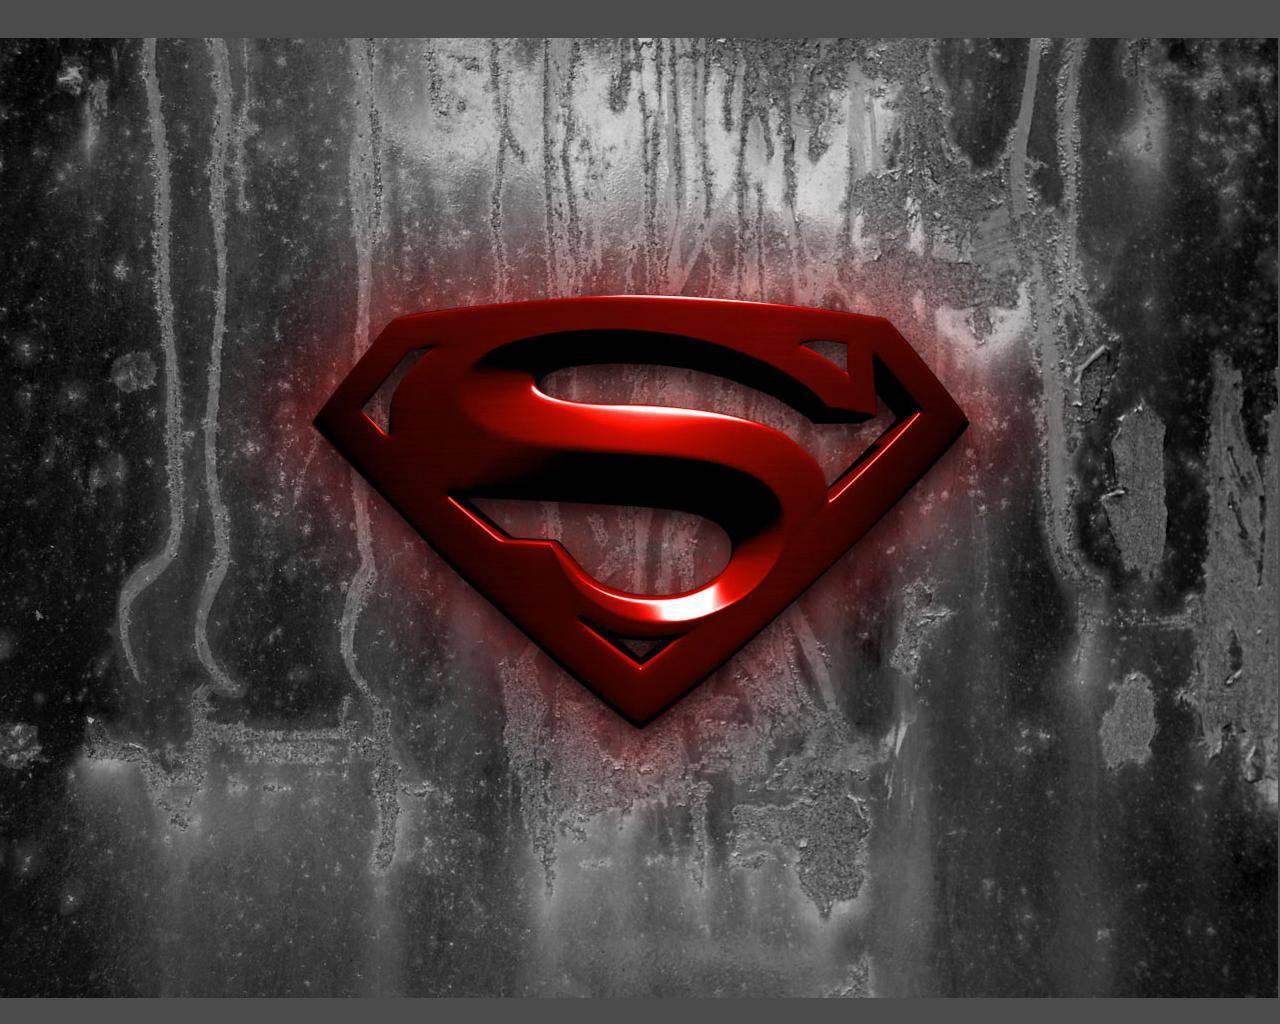 Batman Vs Superman Wallpaper 3d Logo Superman Wallpaper Hd Free Download Pixelstalk Net